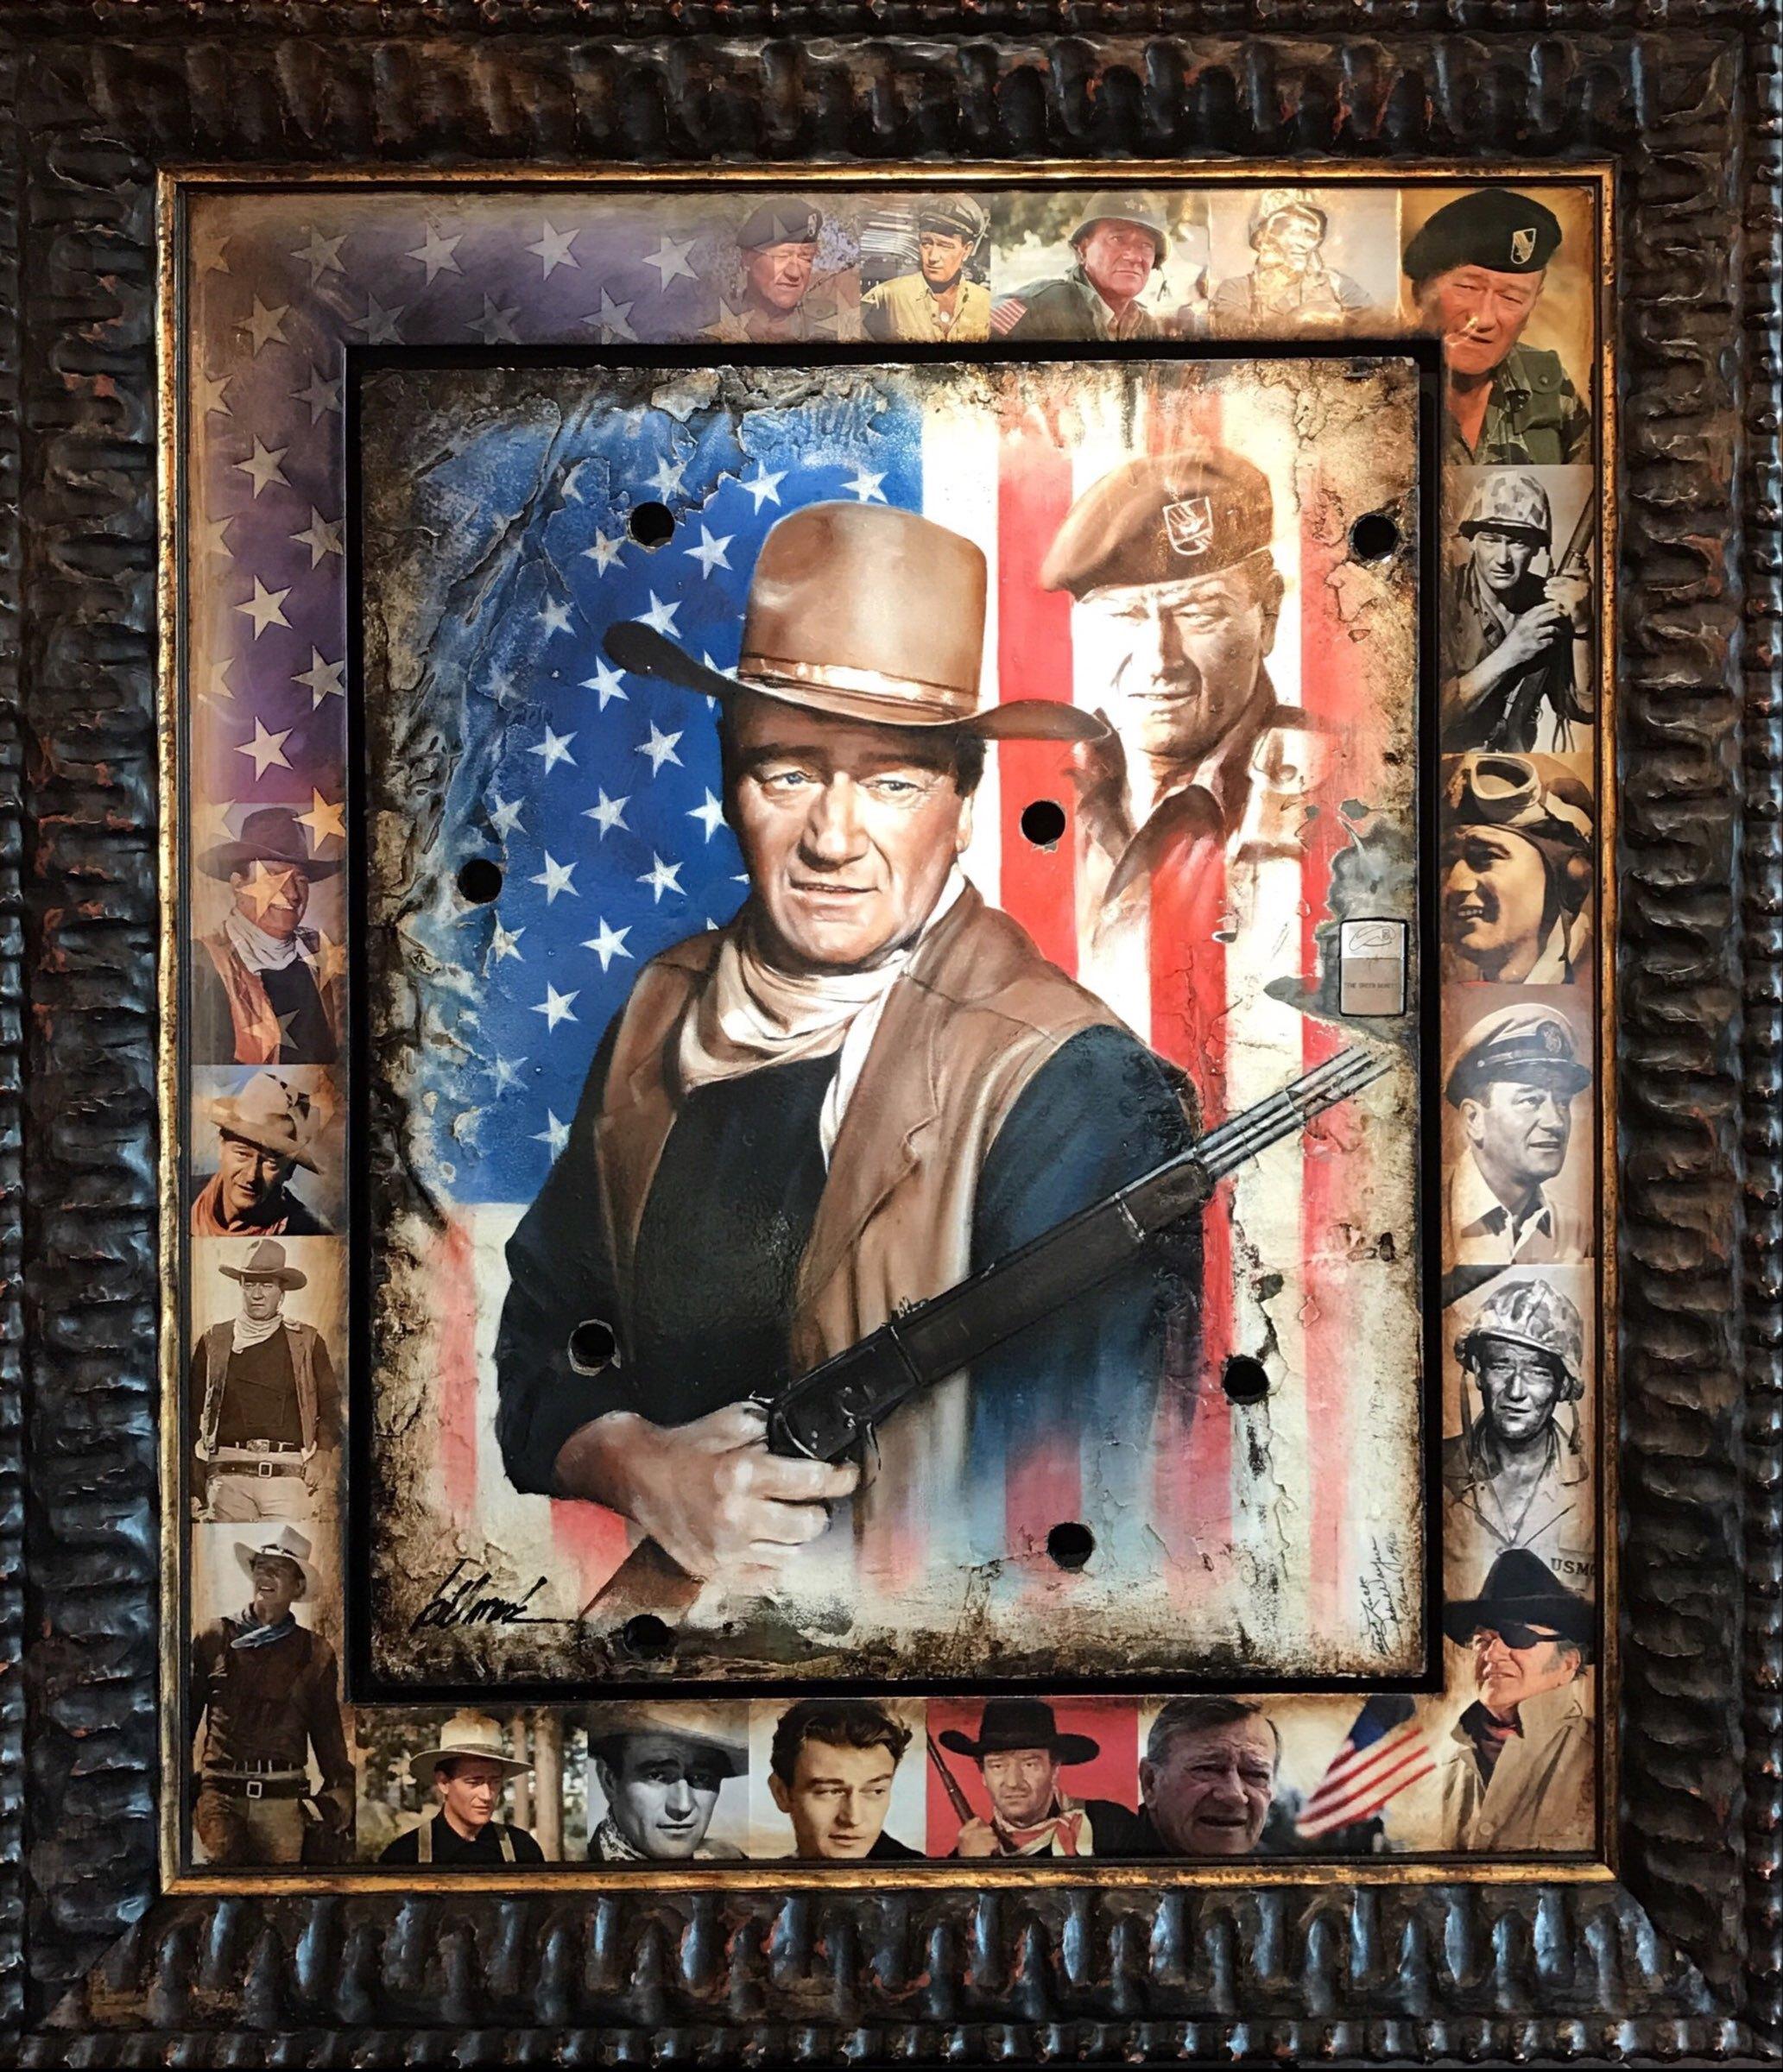 John Wayne with Lighter